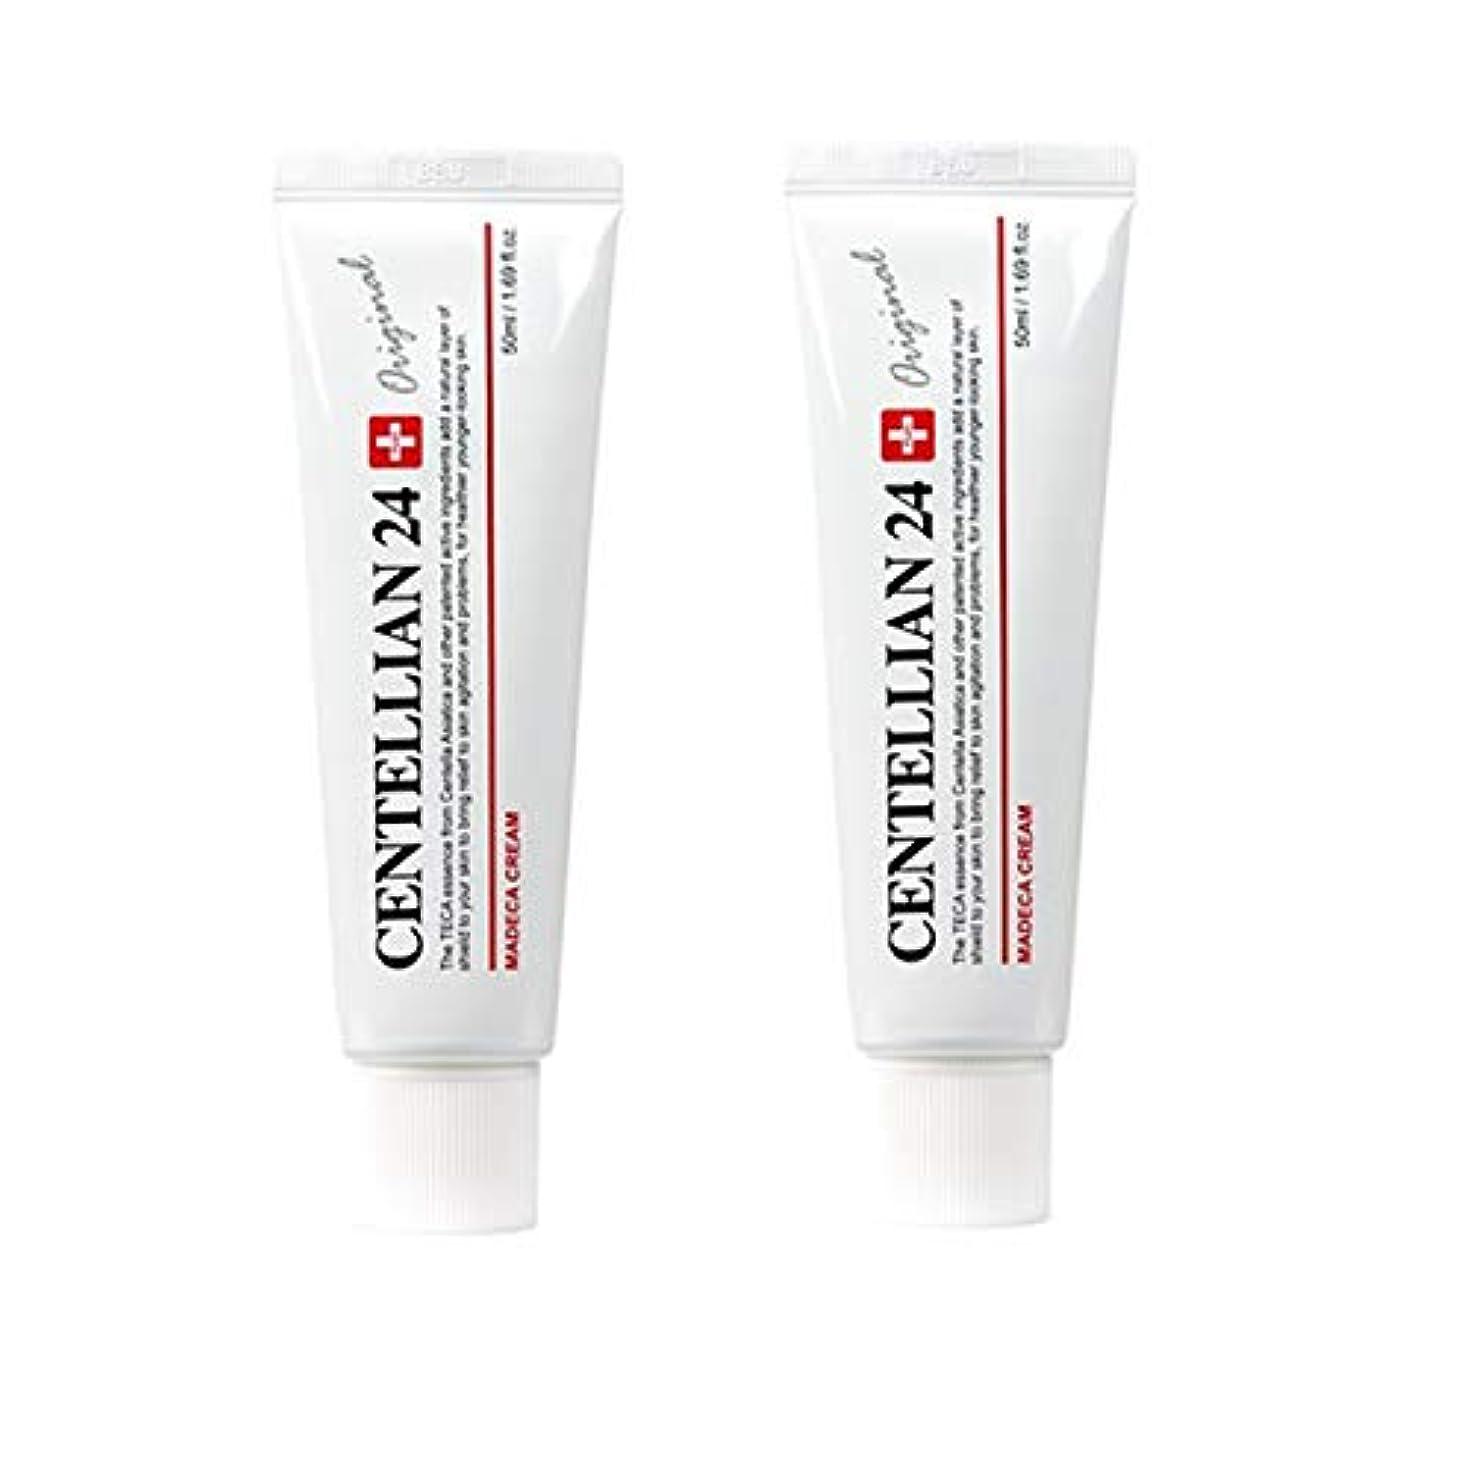 教授セグメントそれにもかかわらずセンテルリアン24マデカクリム50ml x 2本セット肌の保湿損傷した肌のケア東国 韓国コスメ、Centellian24 Madeca Cream 50ml x 2ea Set Skin Moisturizing Damaged...